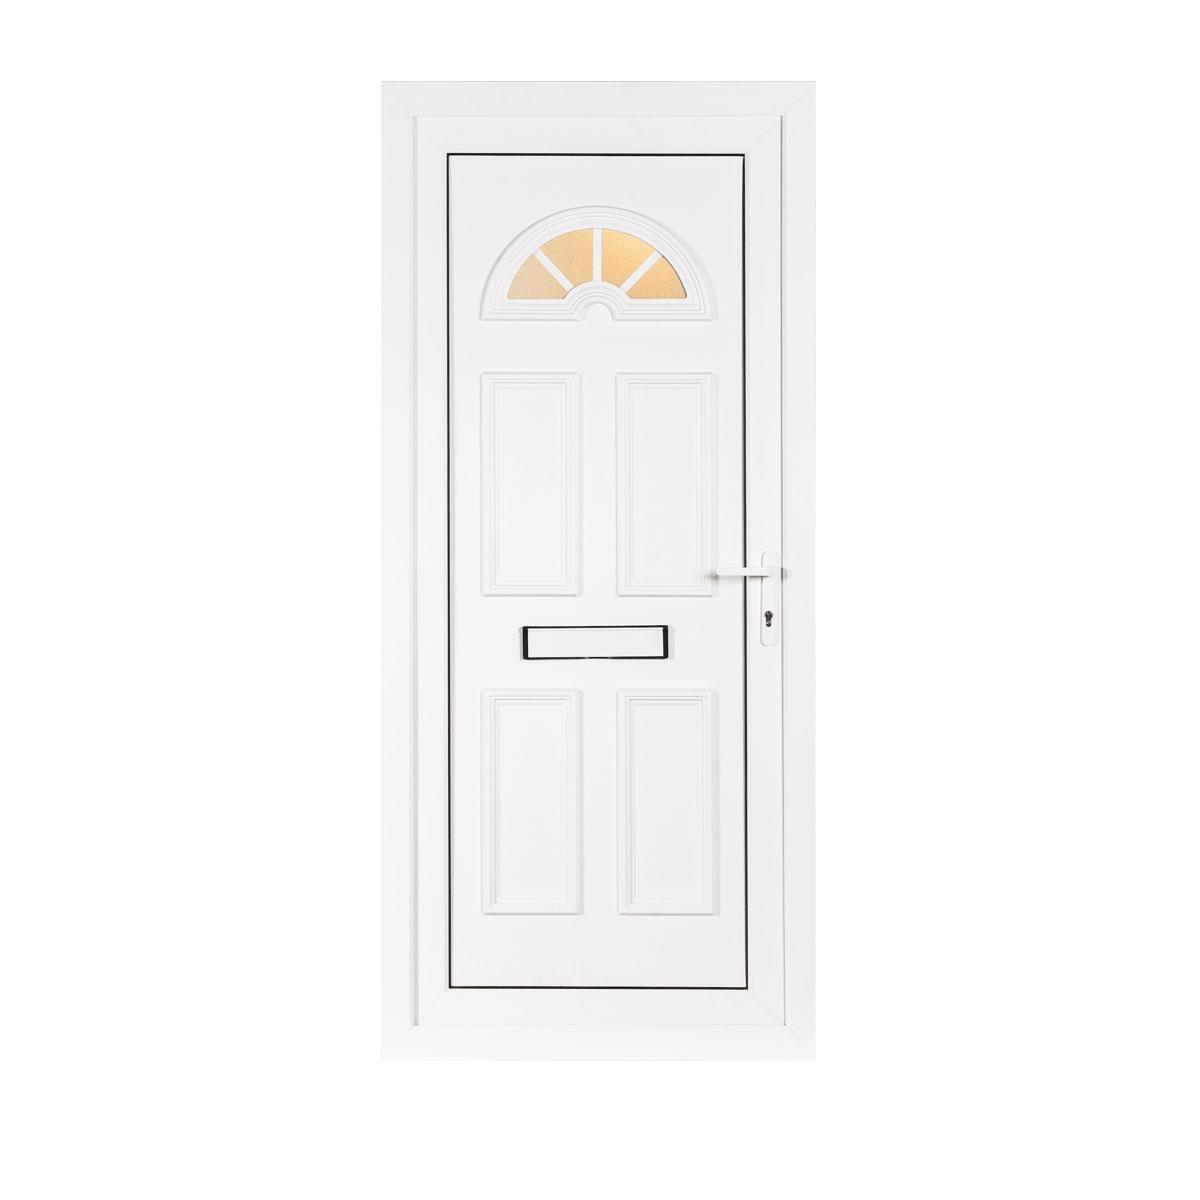 Cannock uPVC Front Door